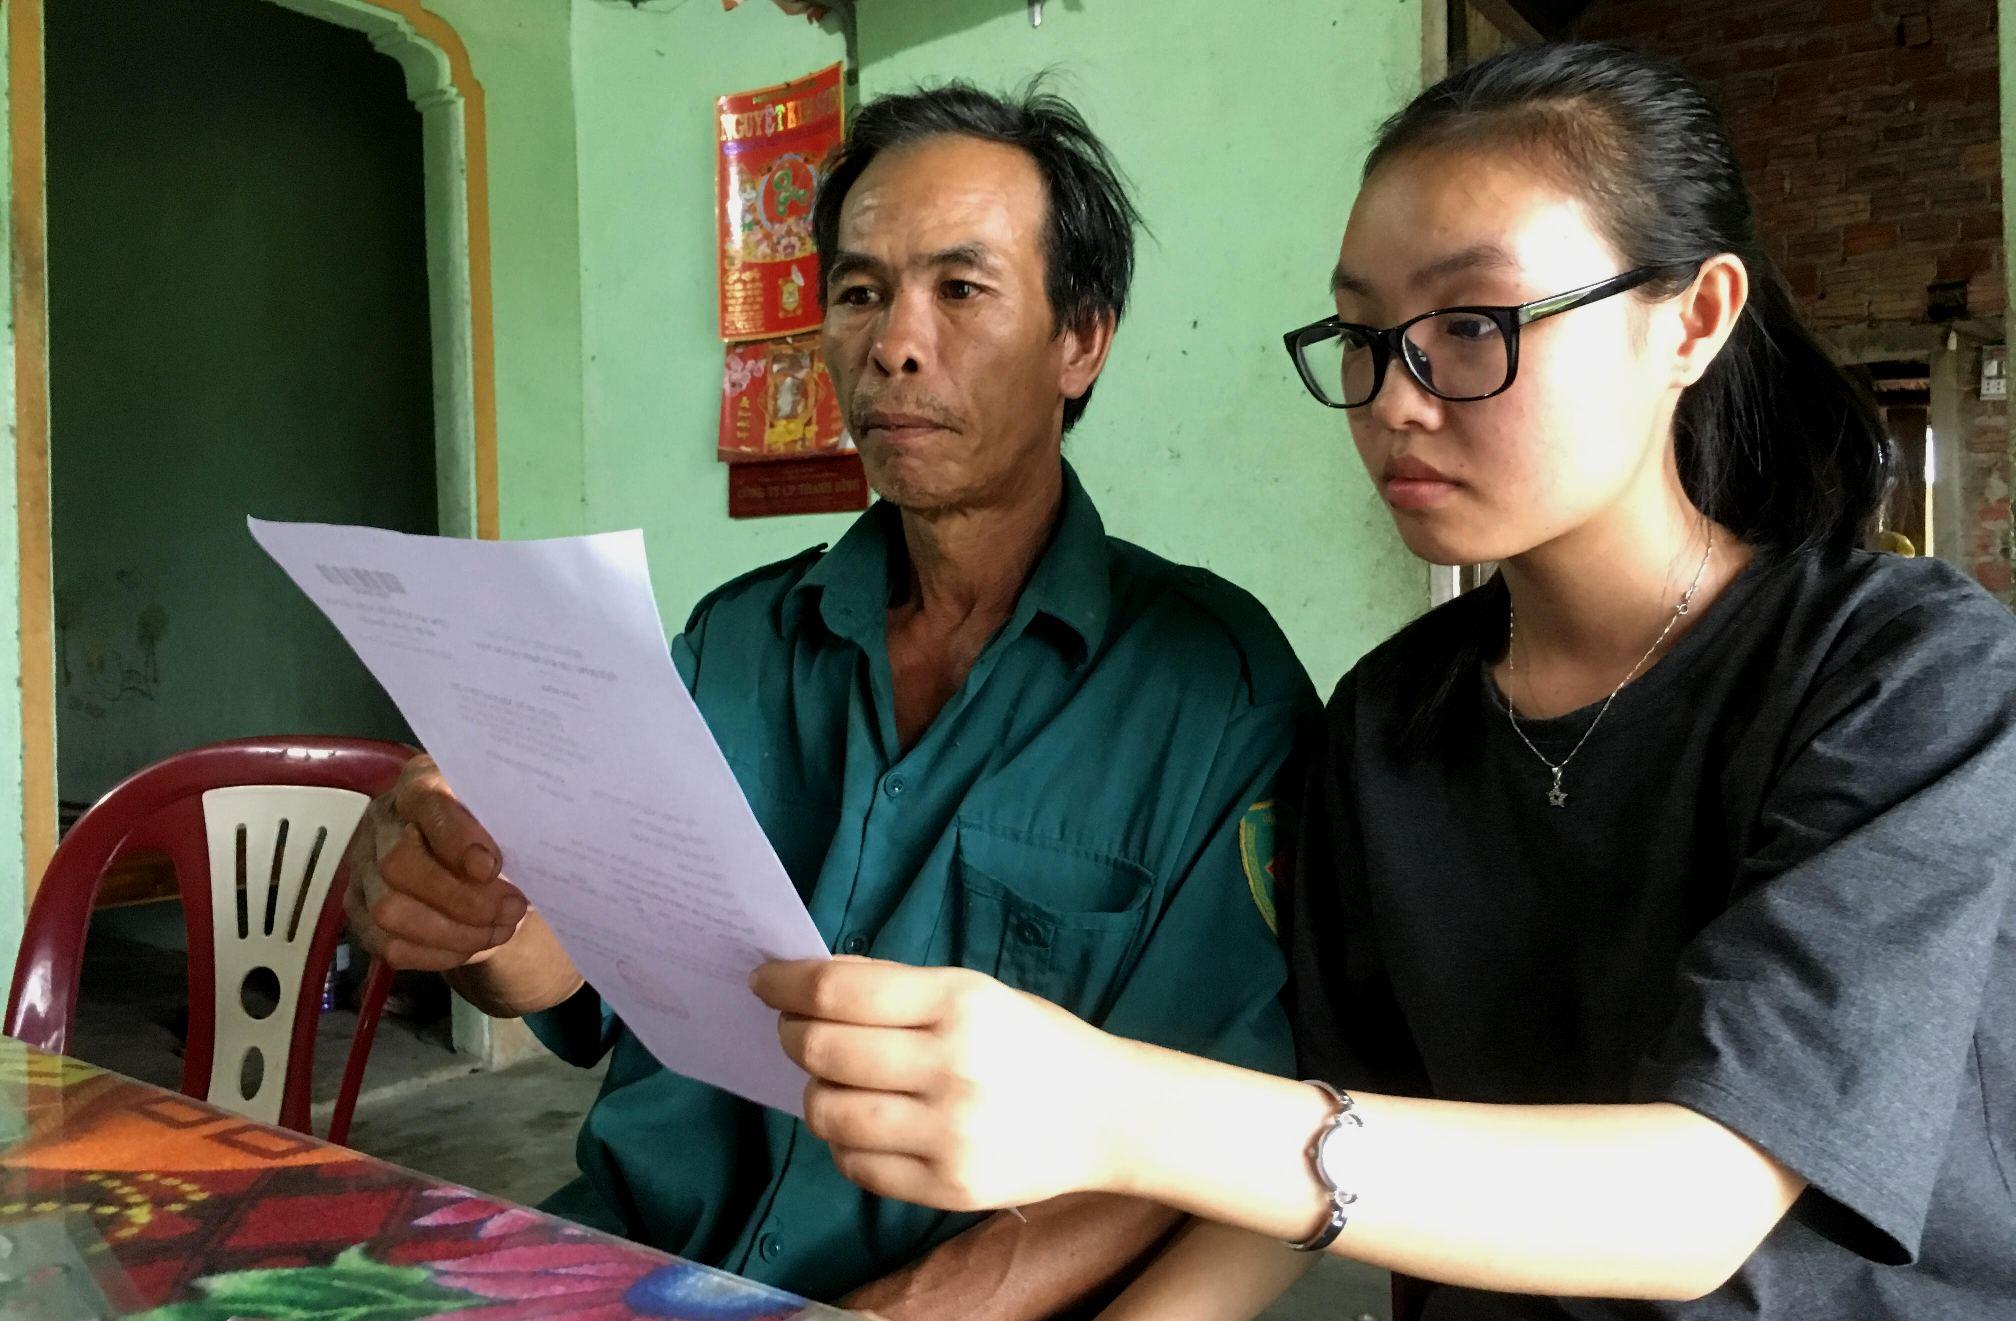 Ngày nhận được giấy báo điểm em Tâm đã khóc rất nhiều vì không biết xoay sở như thế nào để được đi học. Ảnh: PHAN VINH